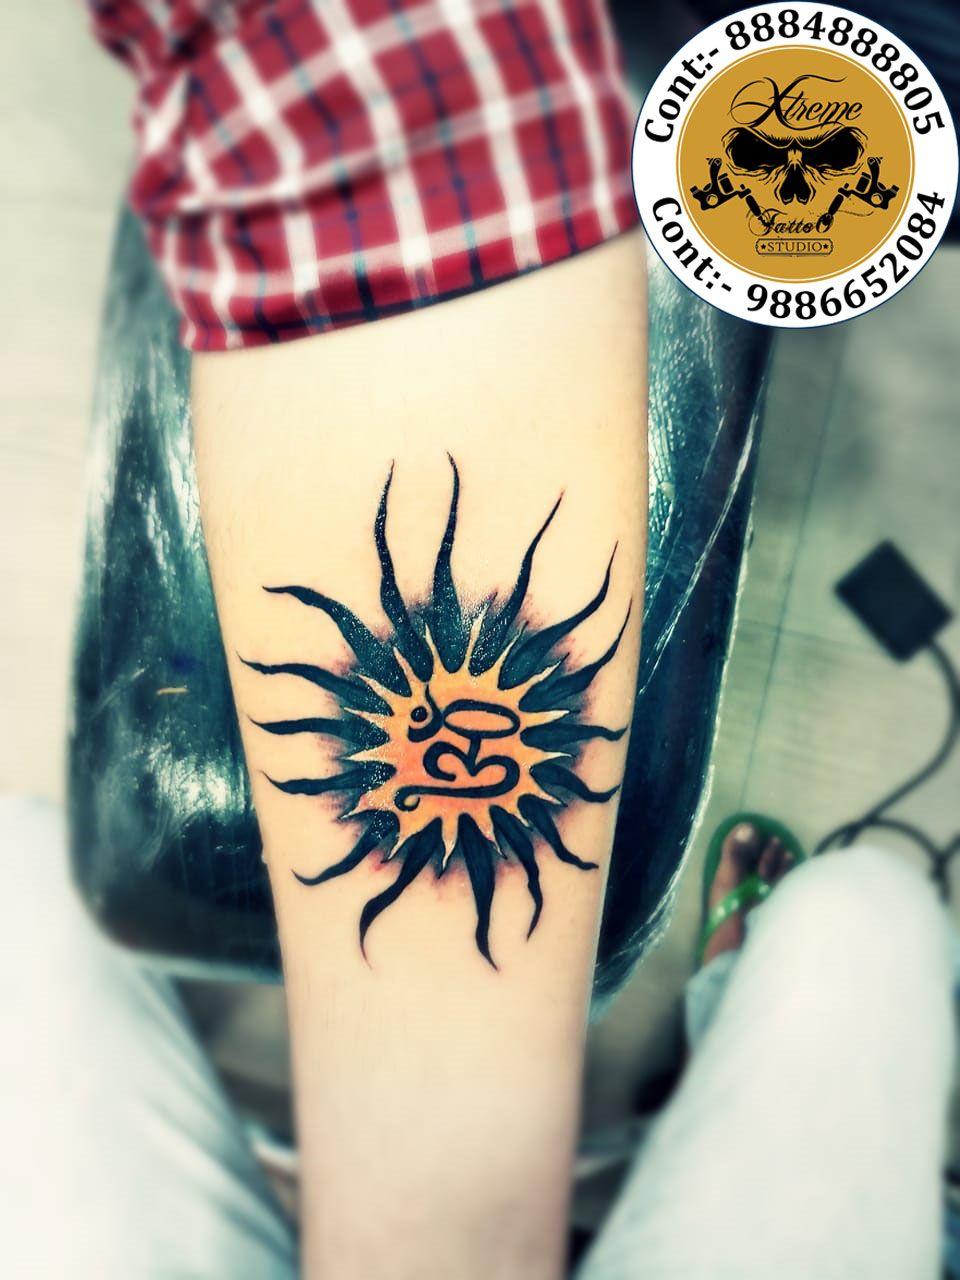 Hi Dear Friends Xtreme Tattoo Studio Best Tattoo Studio Located